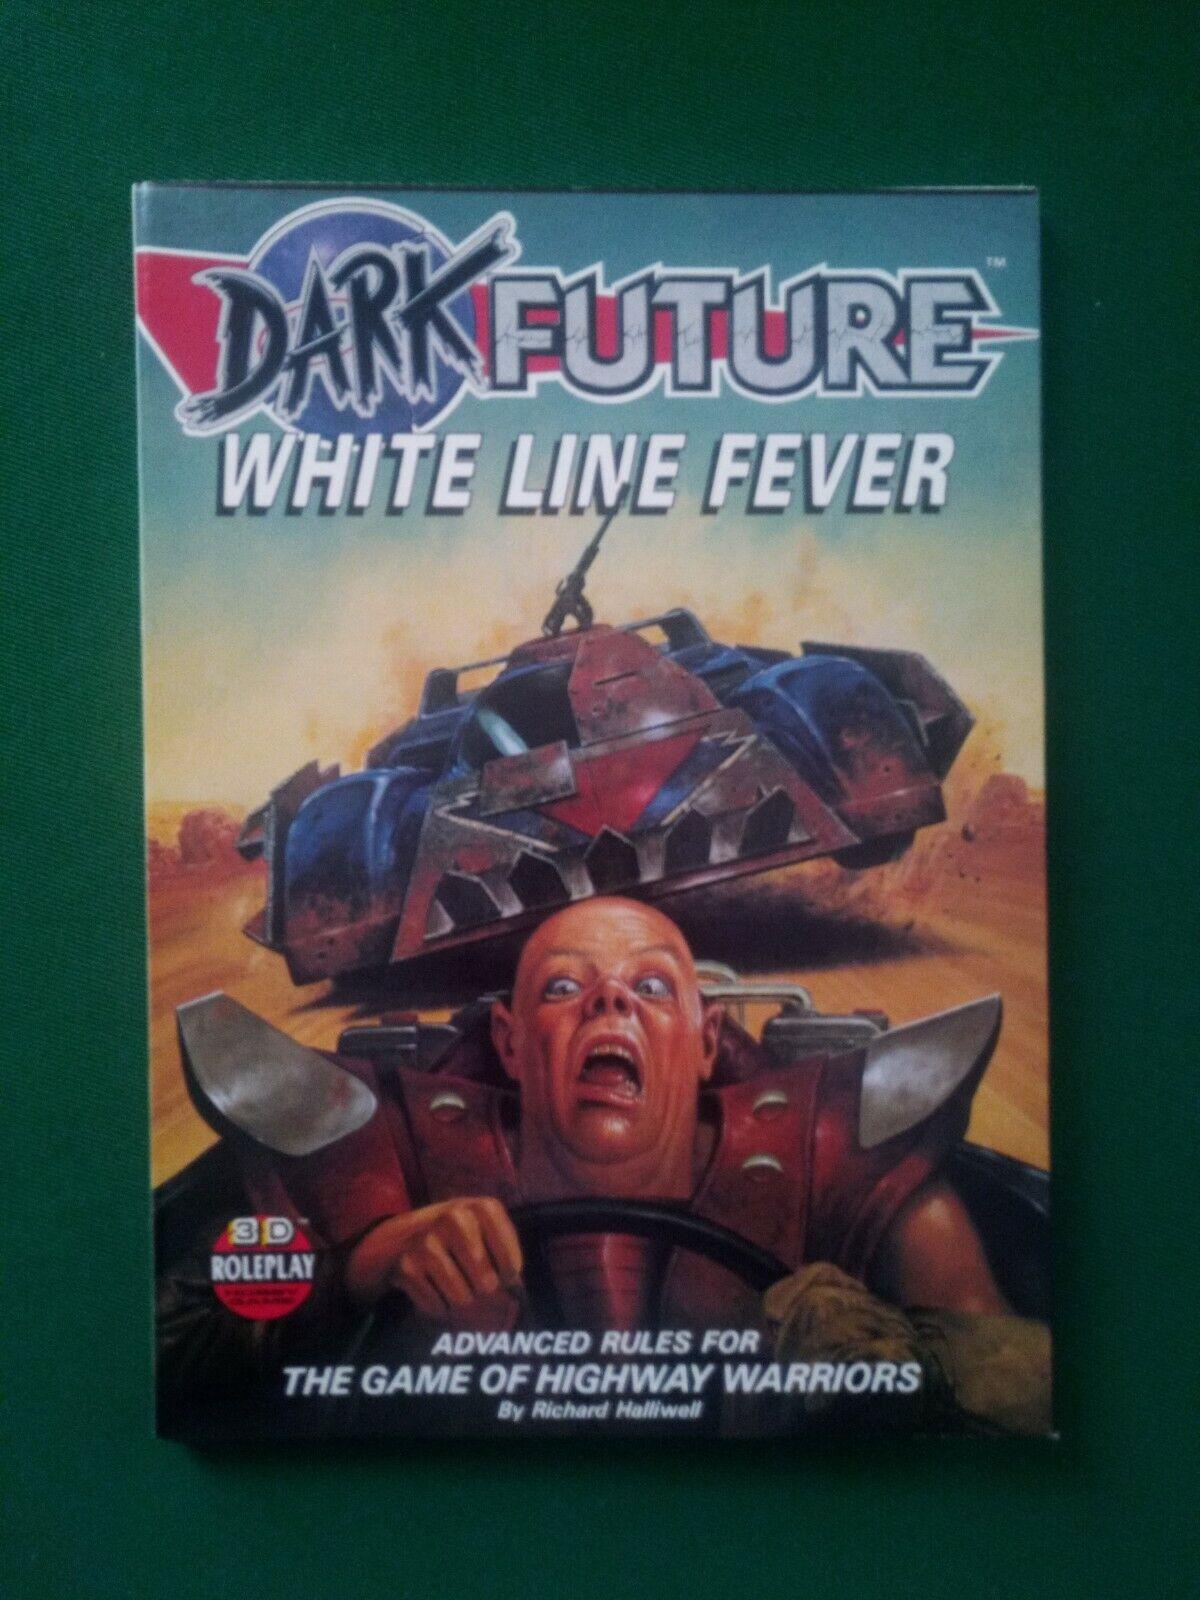 Games Workshop Dark Future Weiß Line Fever Supplement Supplement Supplement 1988 NEW 398a3d